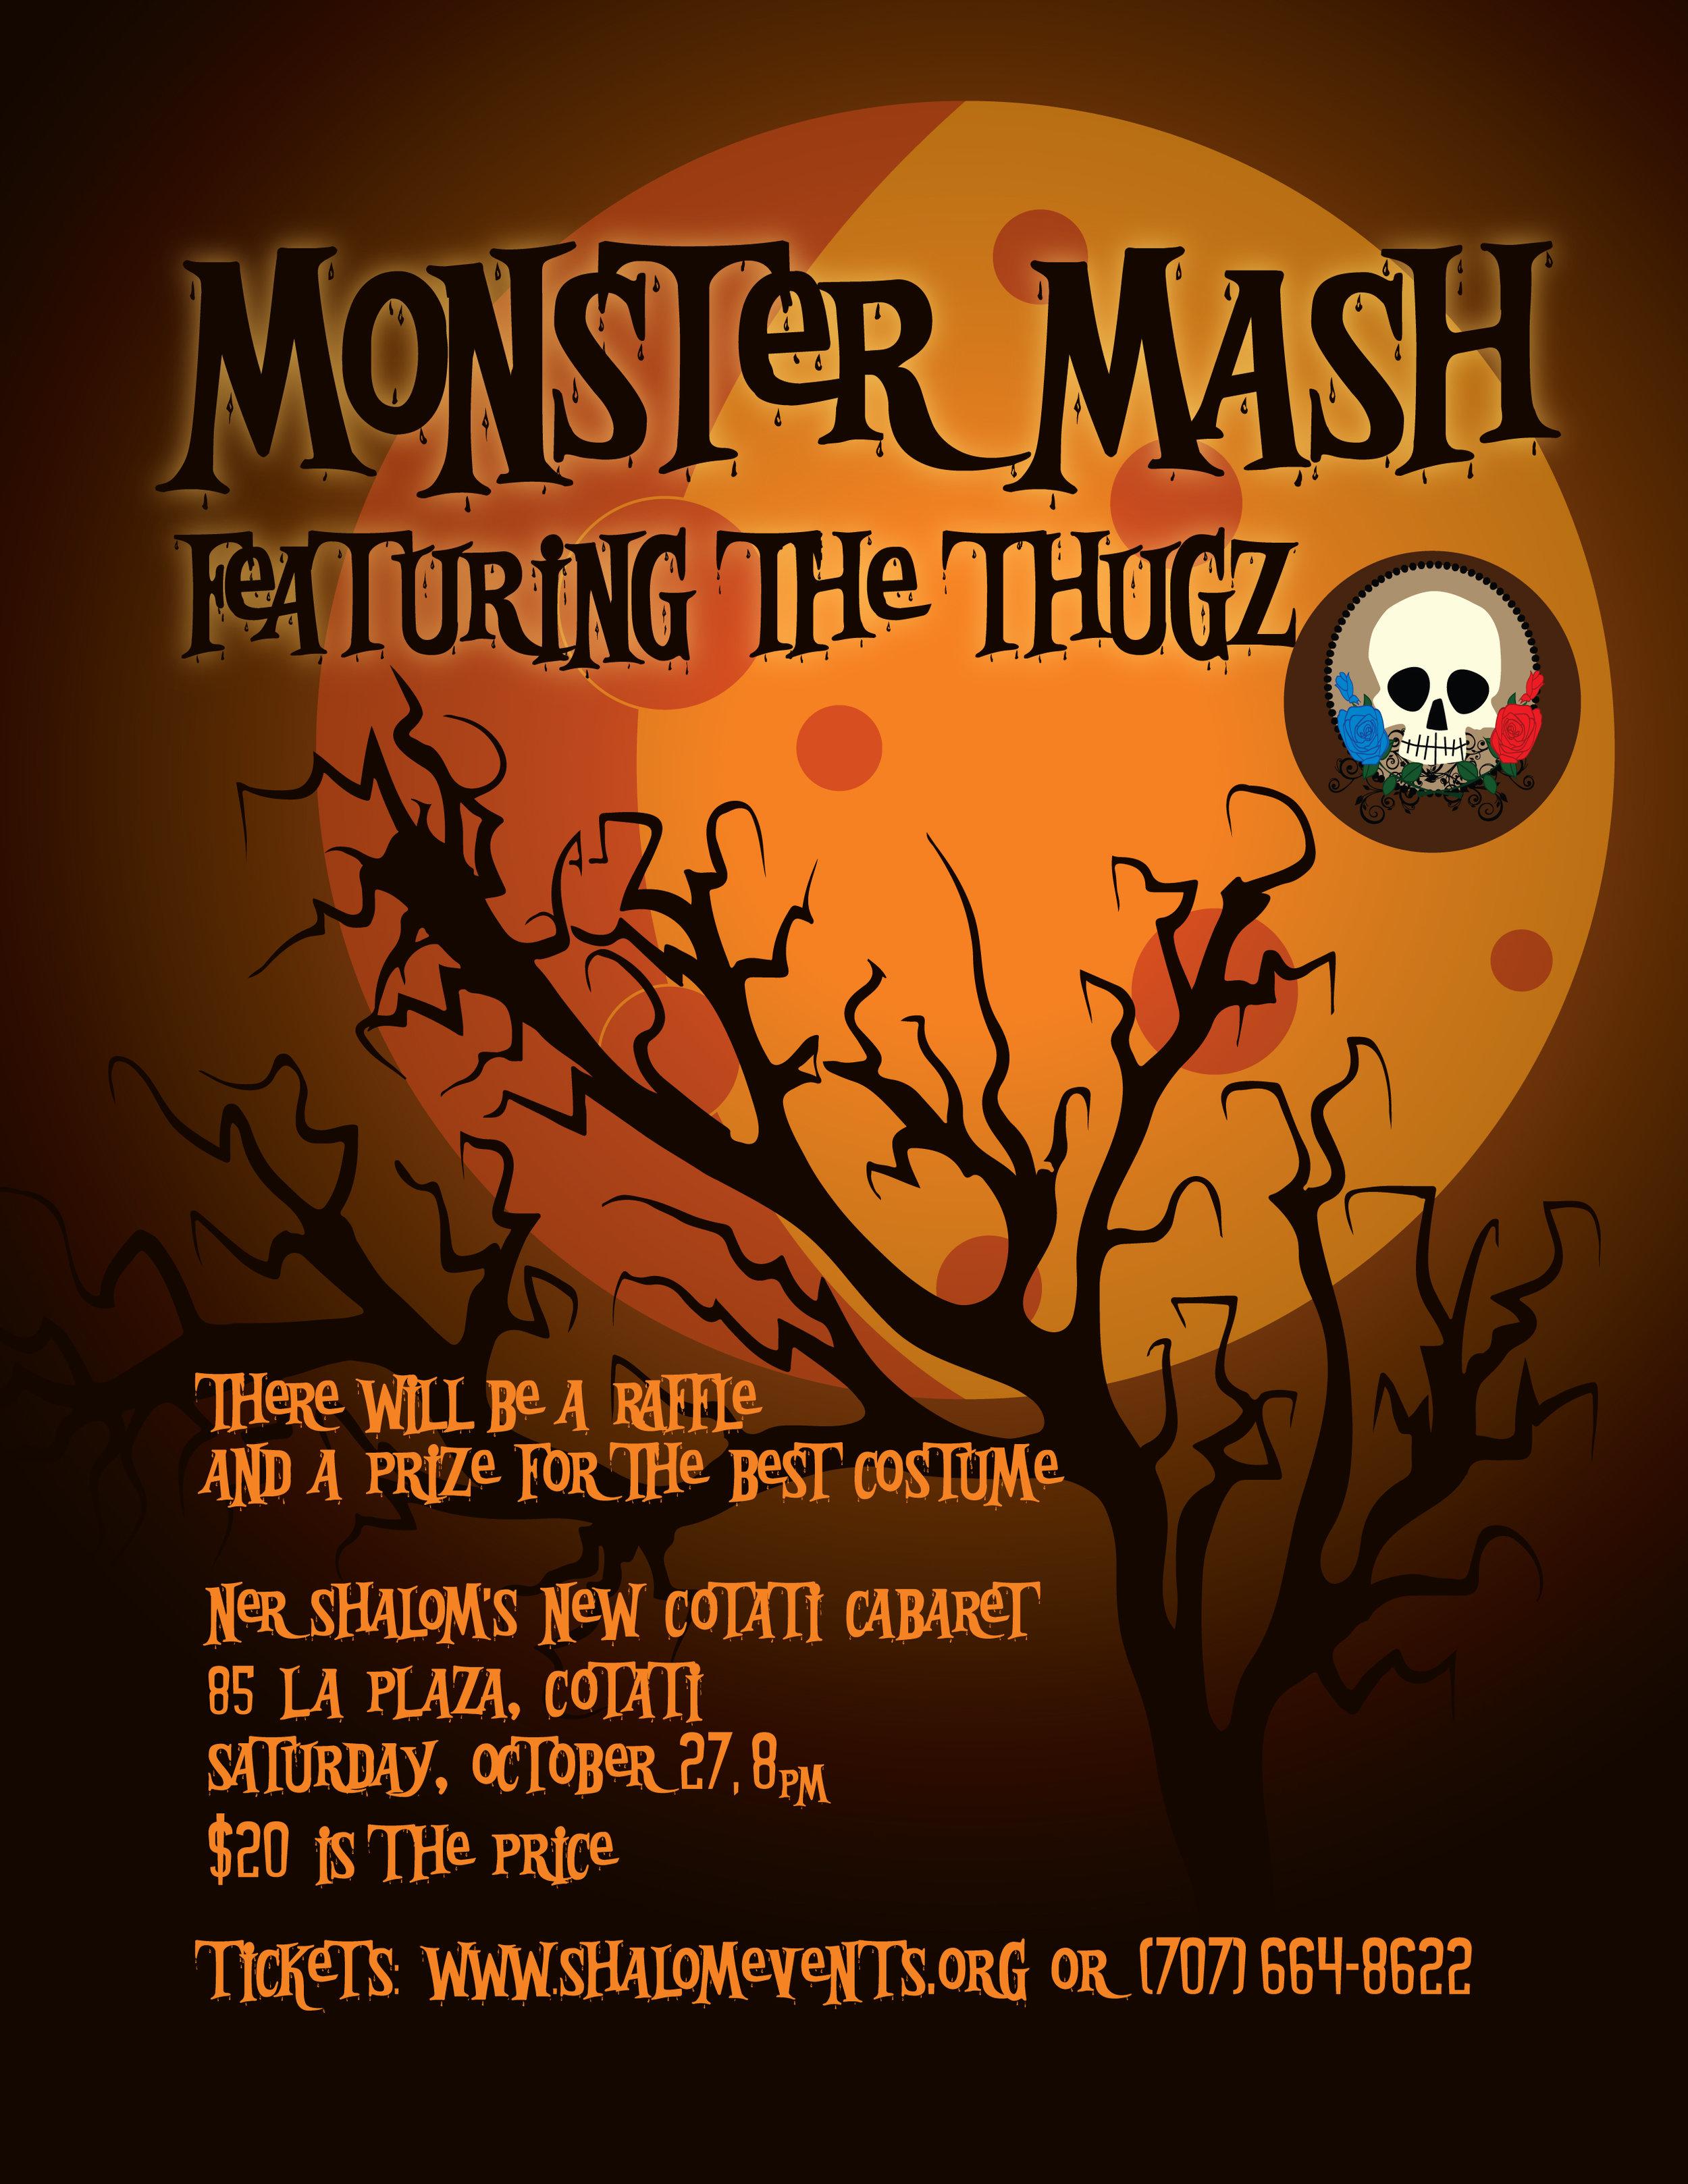 MonsterMash-Poster.jpg